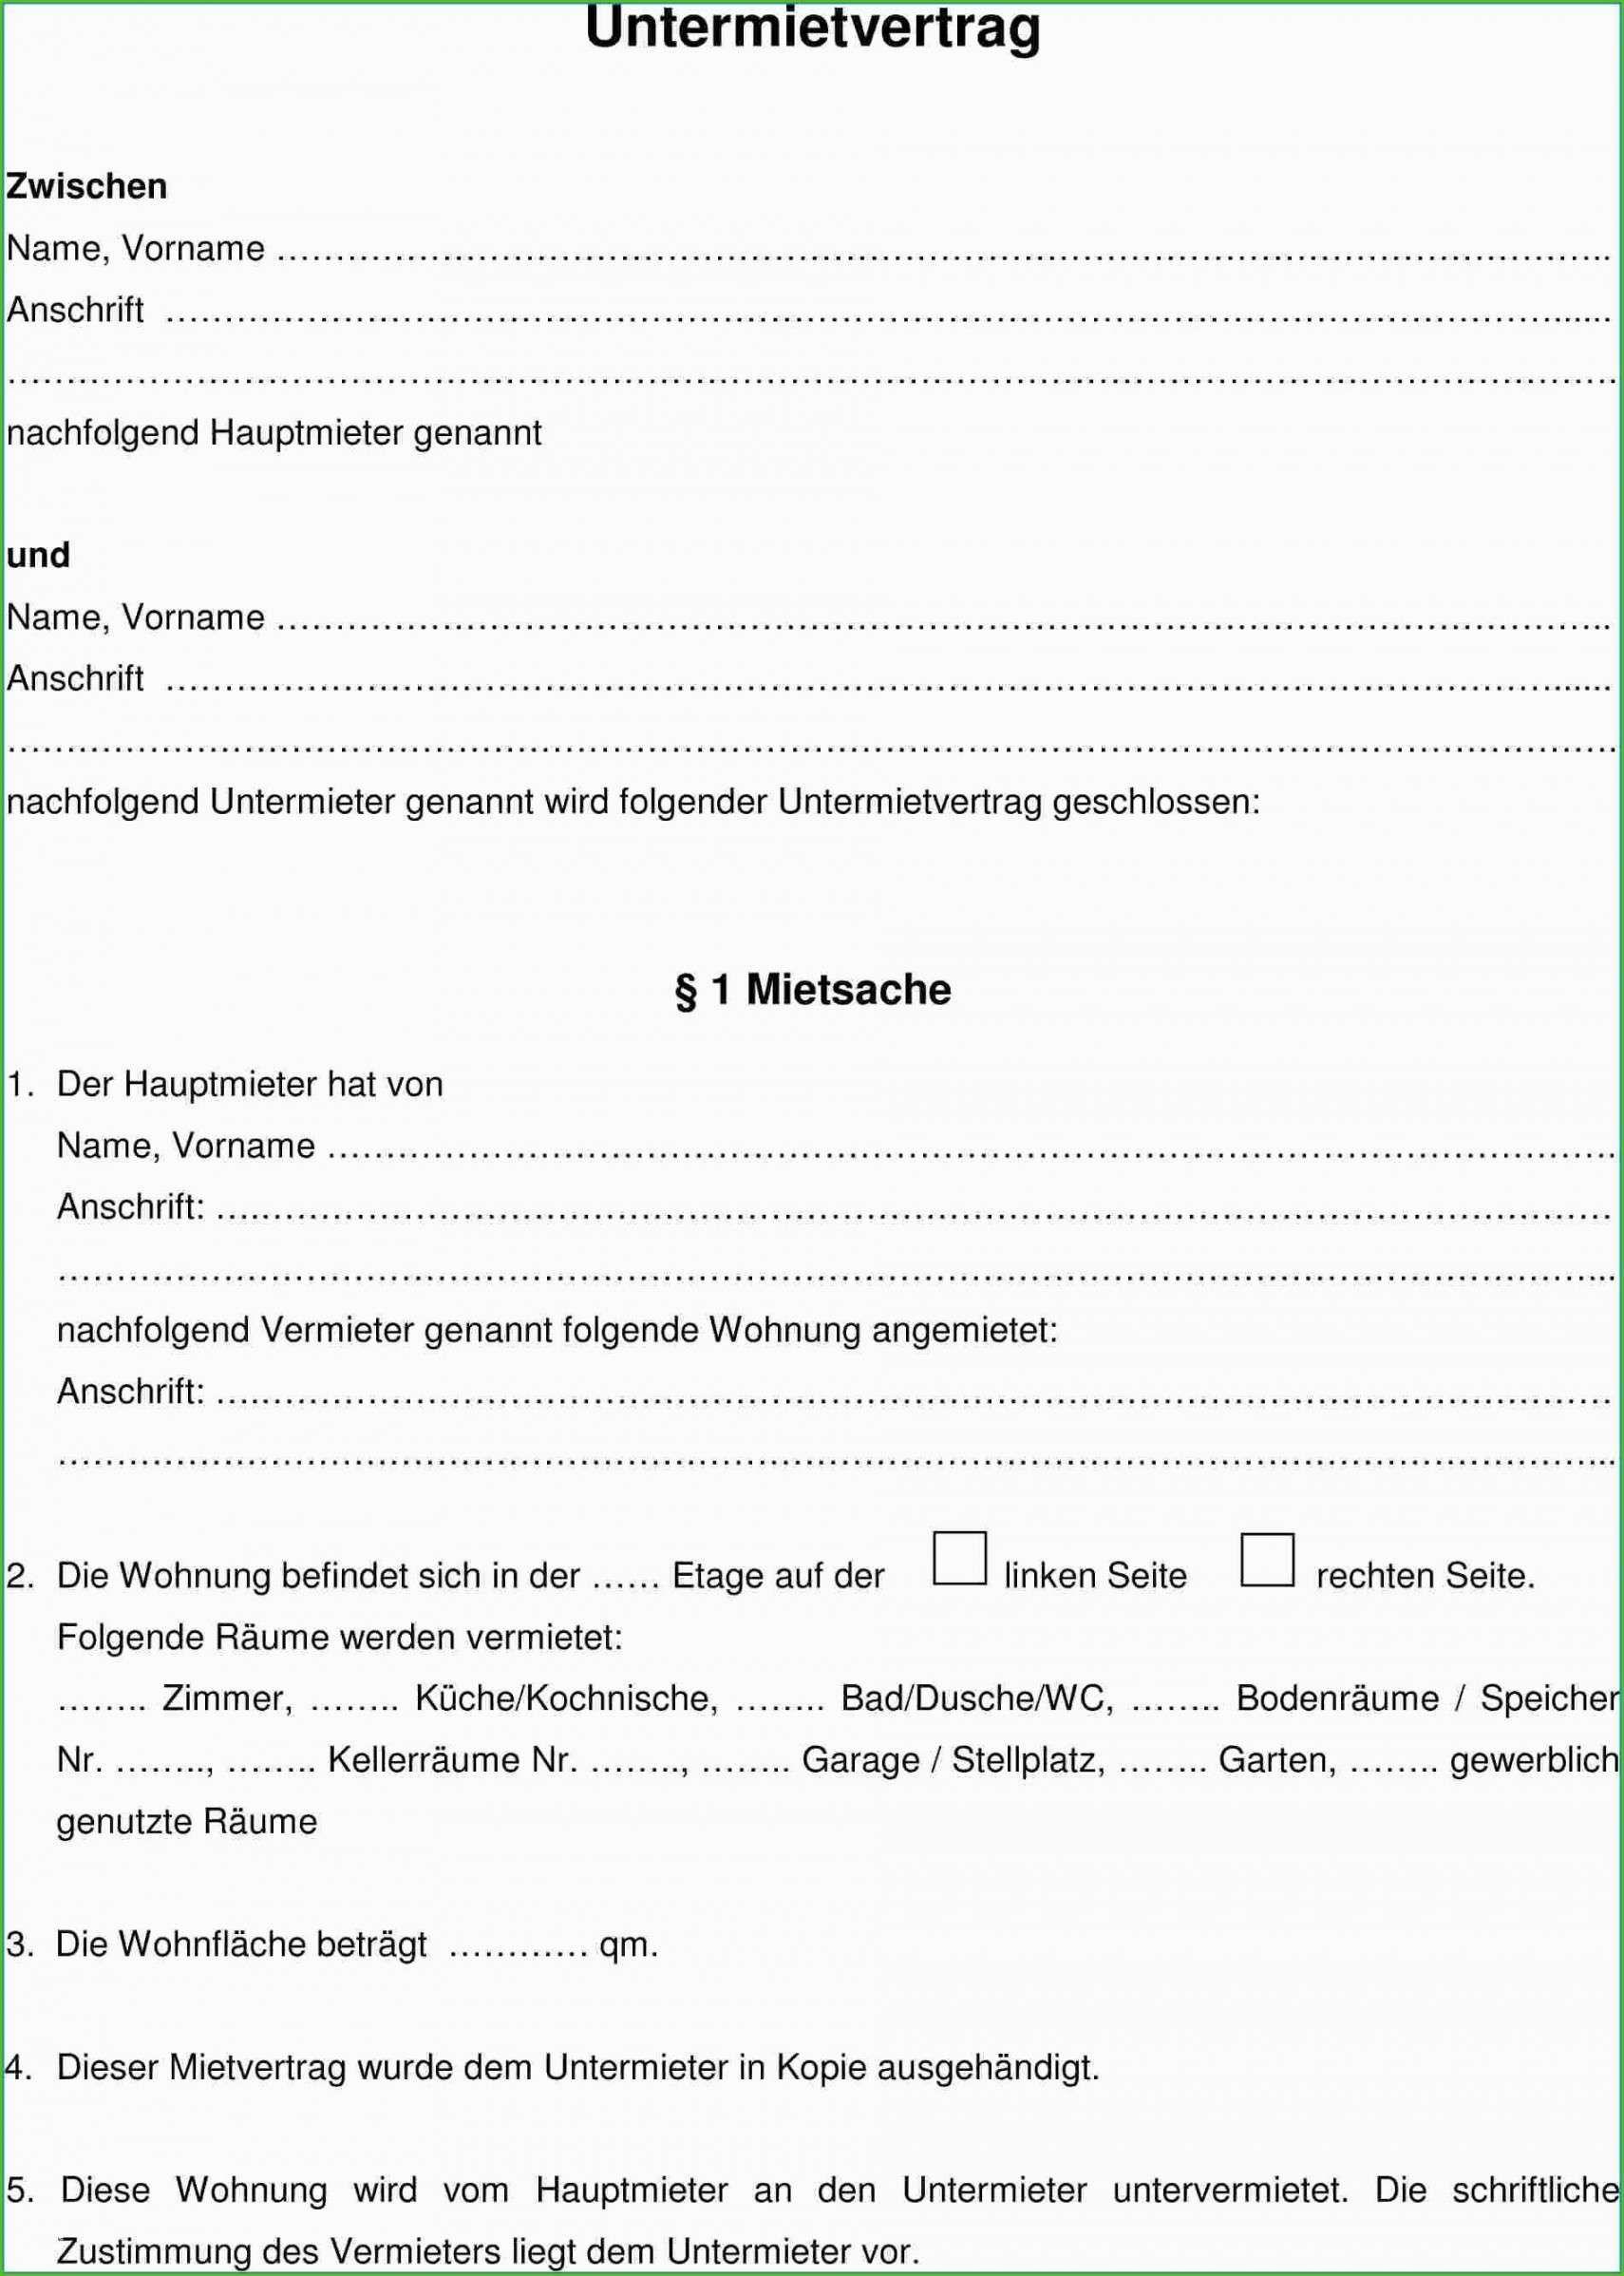 Minimalistisch Mietvertrag Vorlage Word In 2020 Vorlagen Word Lebenslauf Briefkopf Vorlage